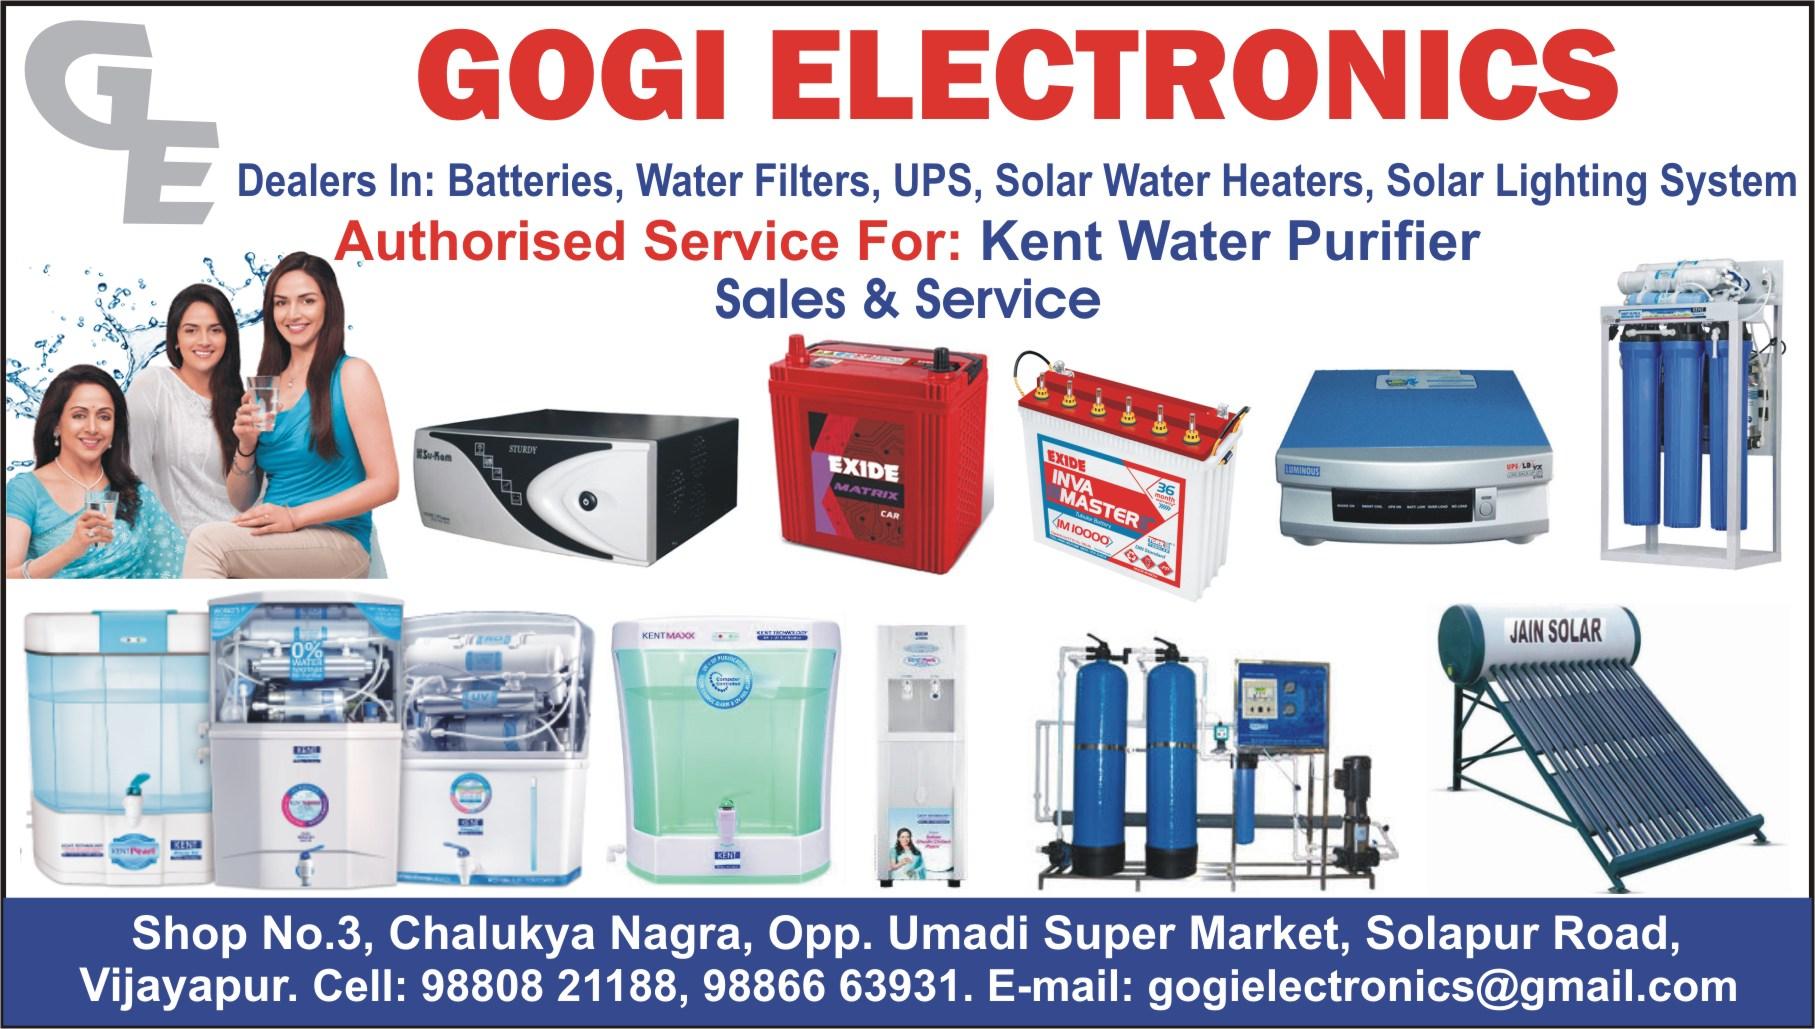 GOGI ELECTRONICS